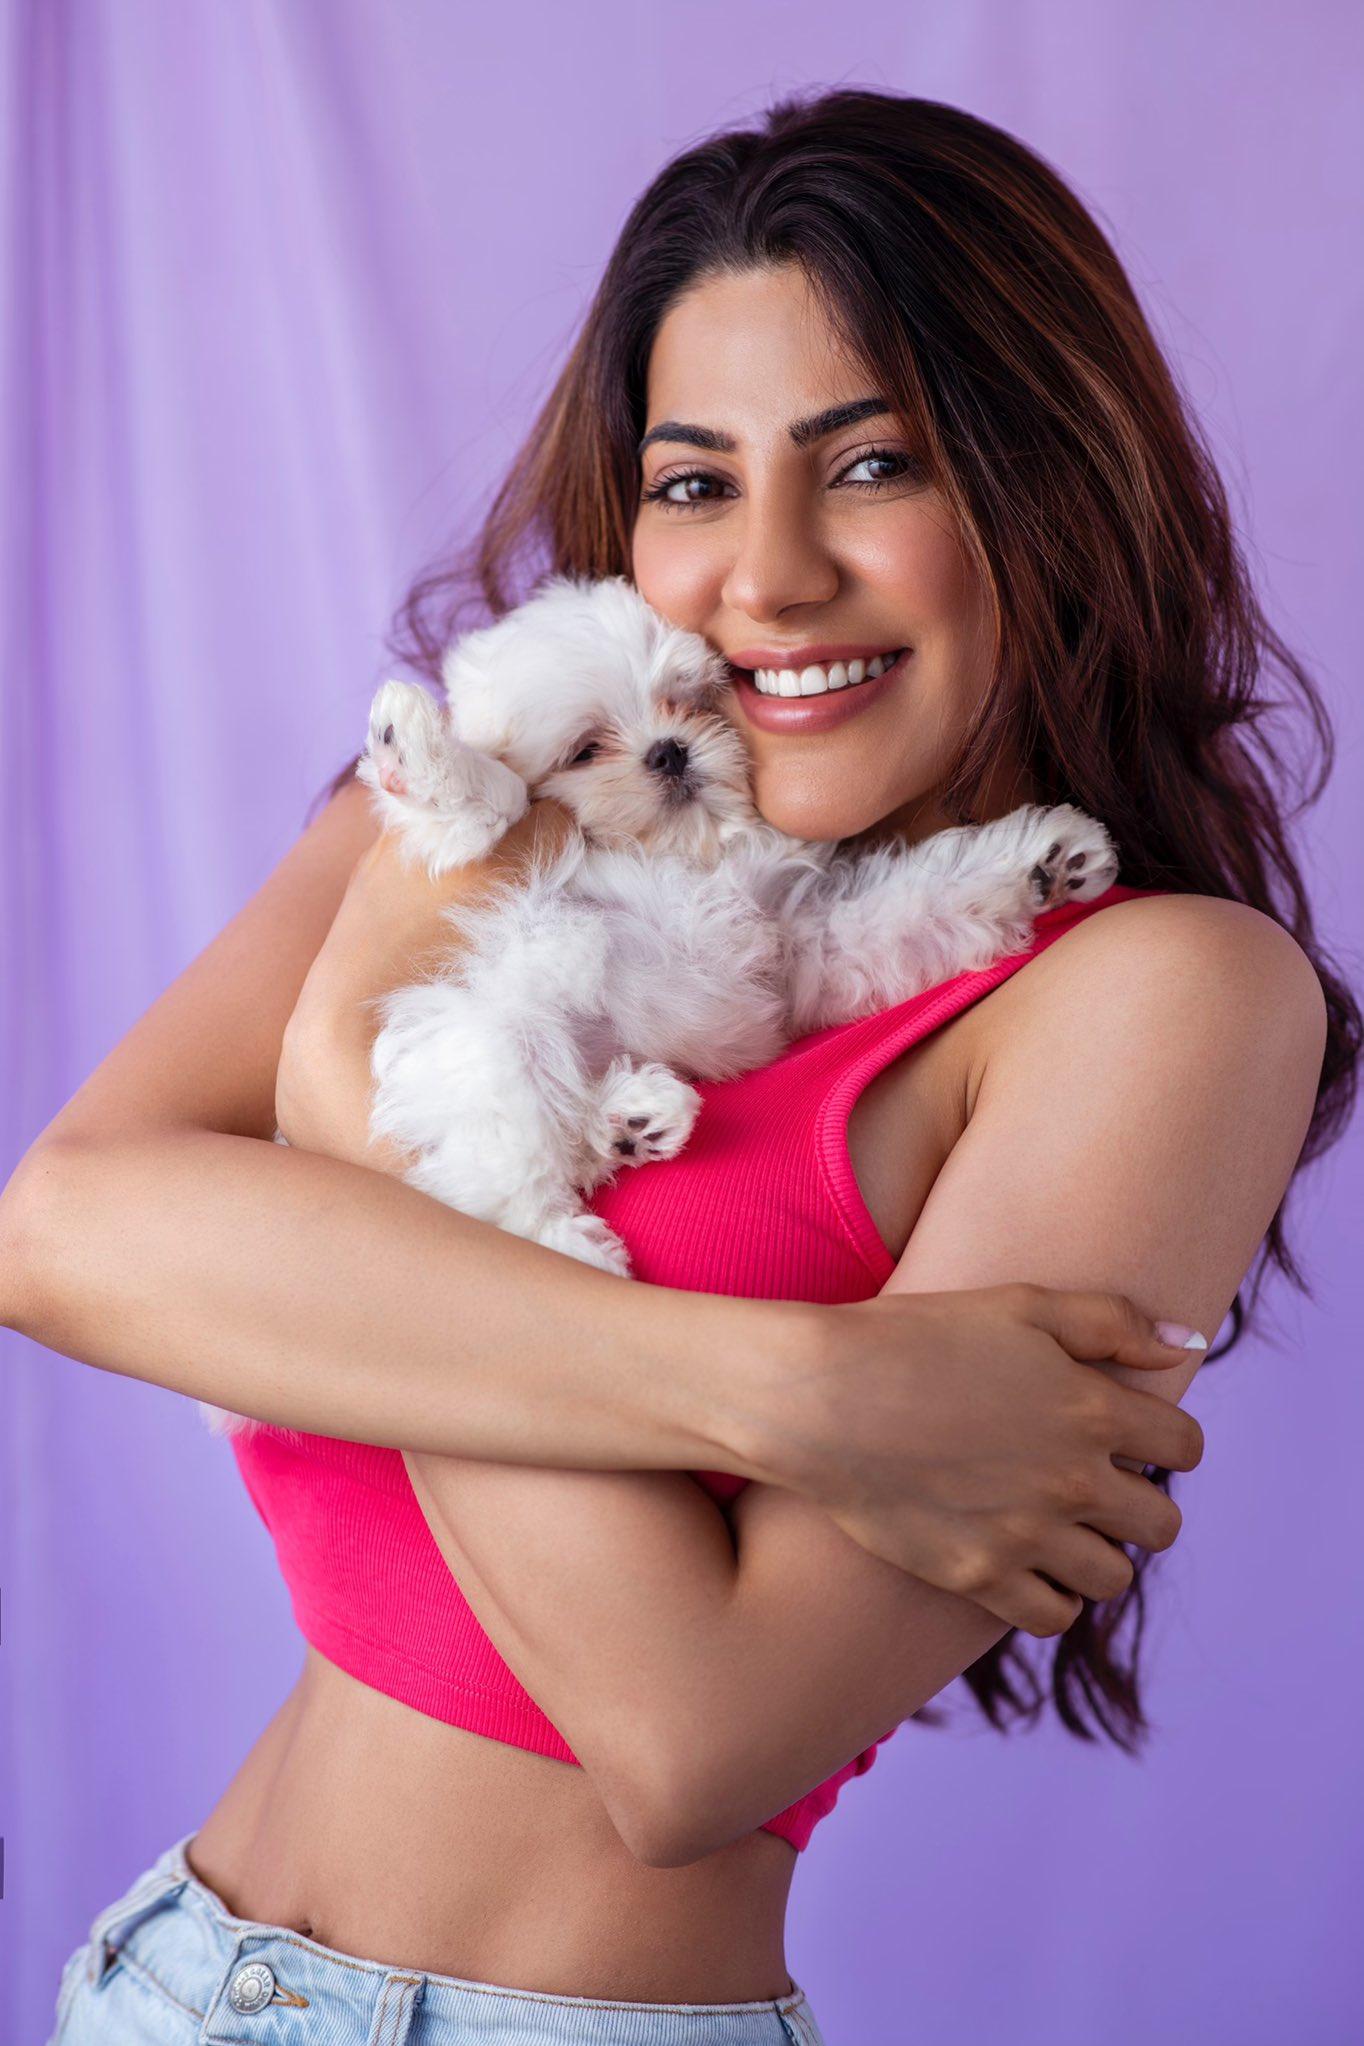 """Nikki Tamboli on Twitter: """"HAPPY INTERNATIONAL DOG DAY!!✨🐾 #puppylove # puppy #dogoftheday #teddybeardog #maltese #maltesepuppy #internationaldogday #unconditionallove ♥️♥️♥️♥️… https://t.co/cdxTLhpVyT"""""""